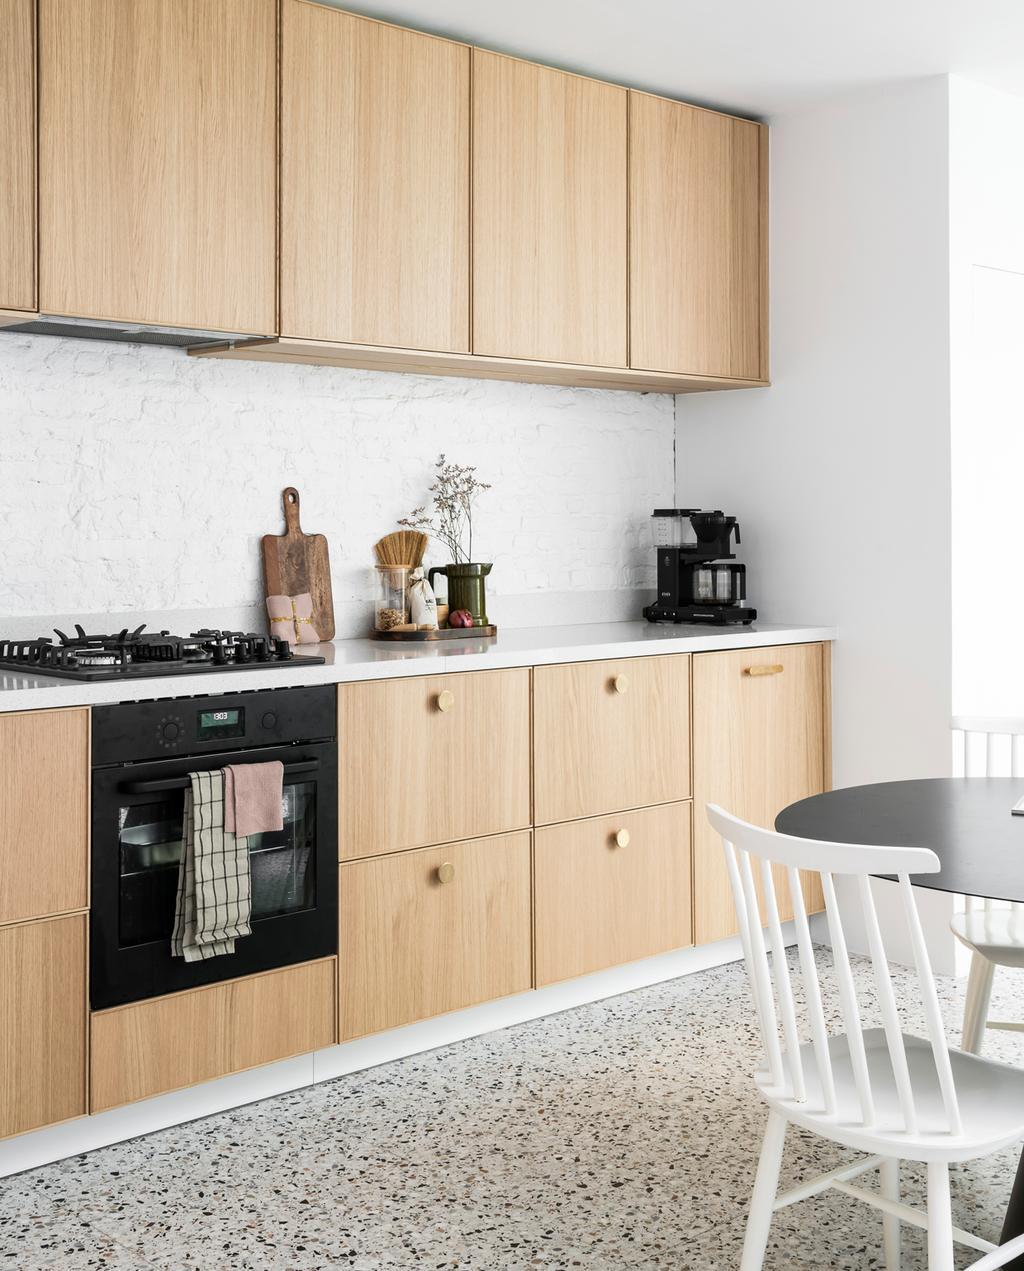 vtwonen 13 | Binnenkijken in een burgerwoning in Antwerpen keuken